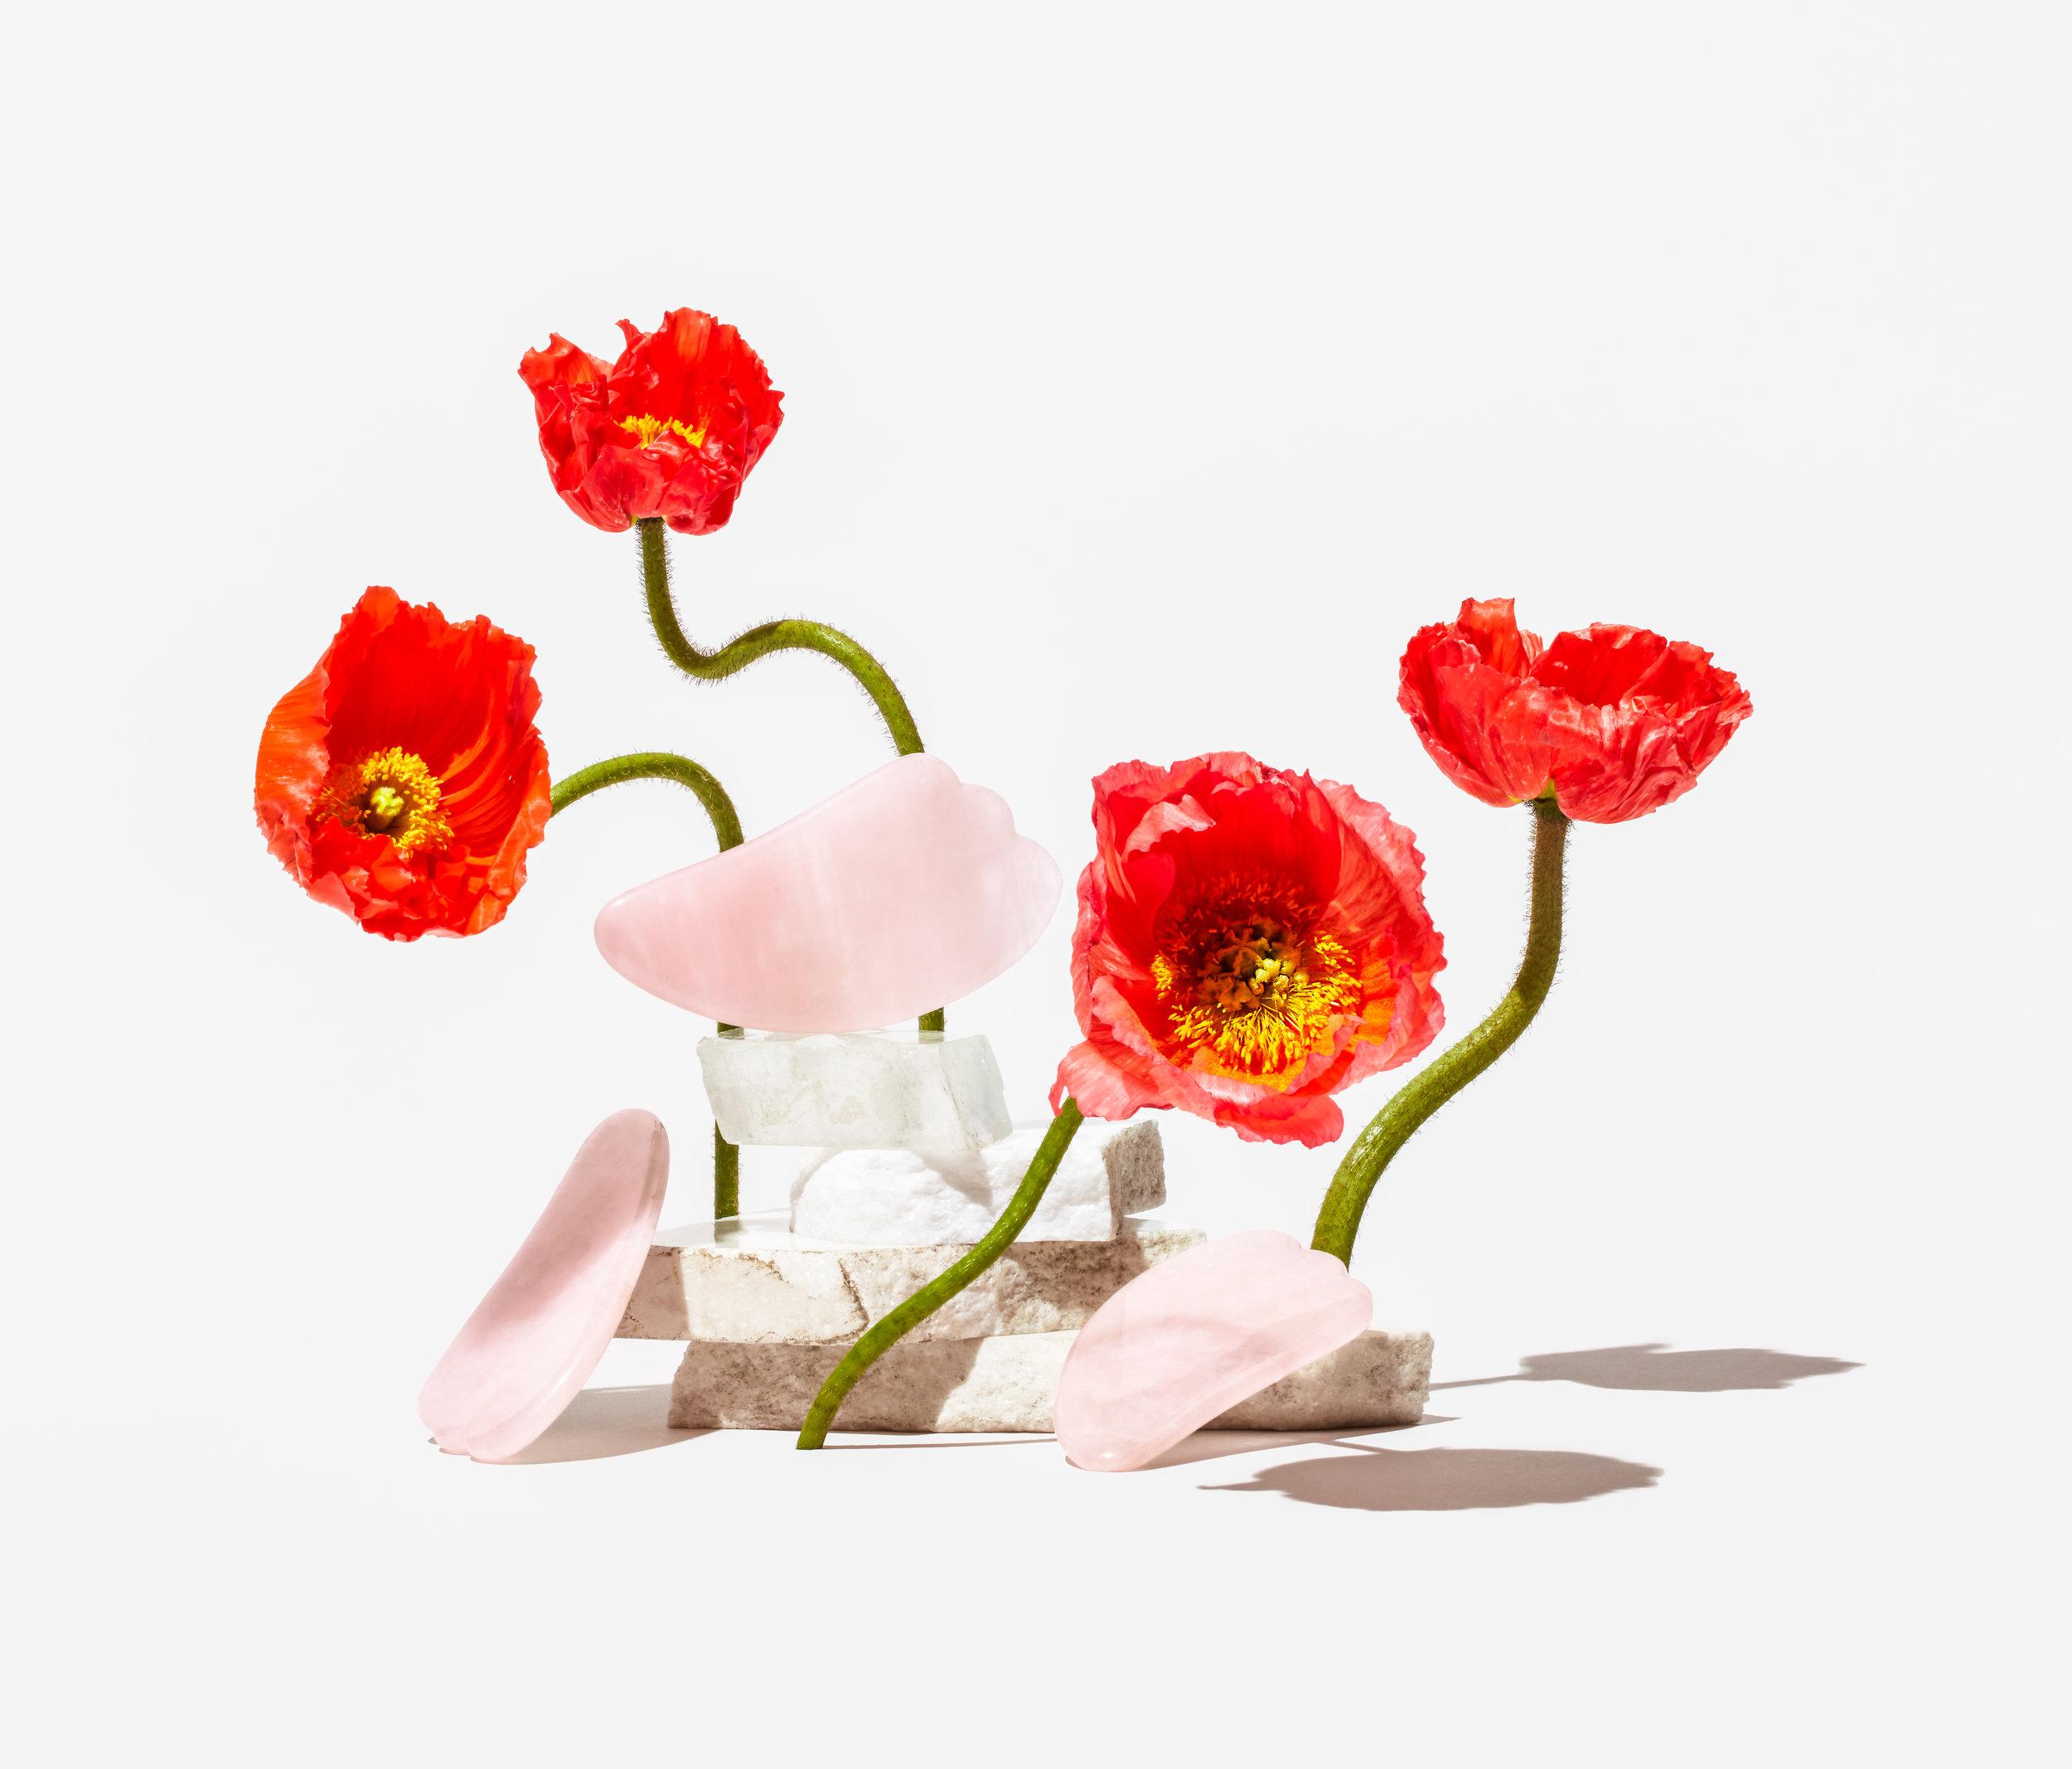 Herbivore_SS_Rose_Quartz_Gua_Sha_027_Crop.jpg